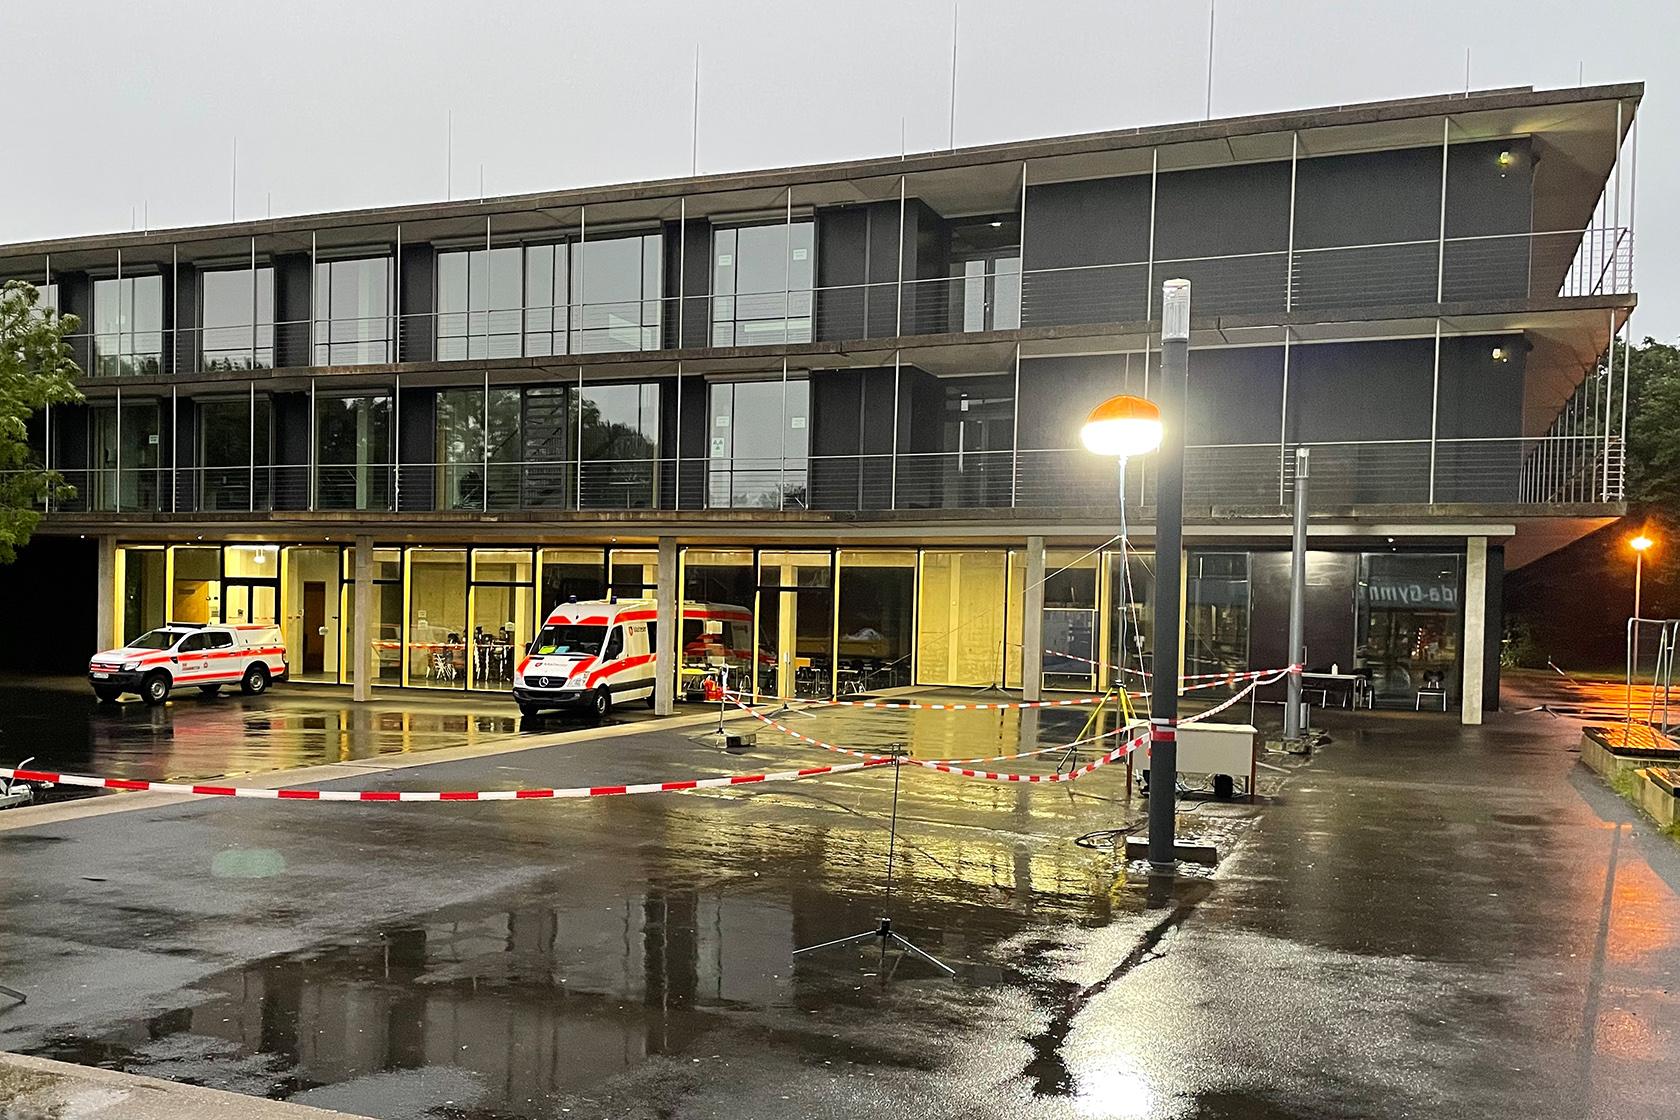 Erleuchtetes Schulgebäude mit Fahrzeugen des Bevölkerungsschutz auf dem regennassen Hof.